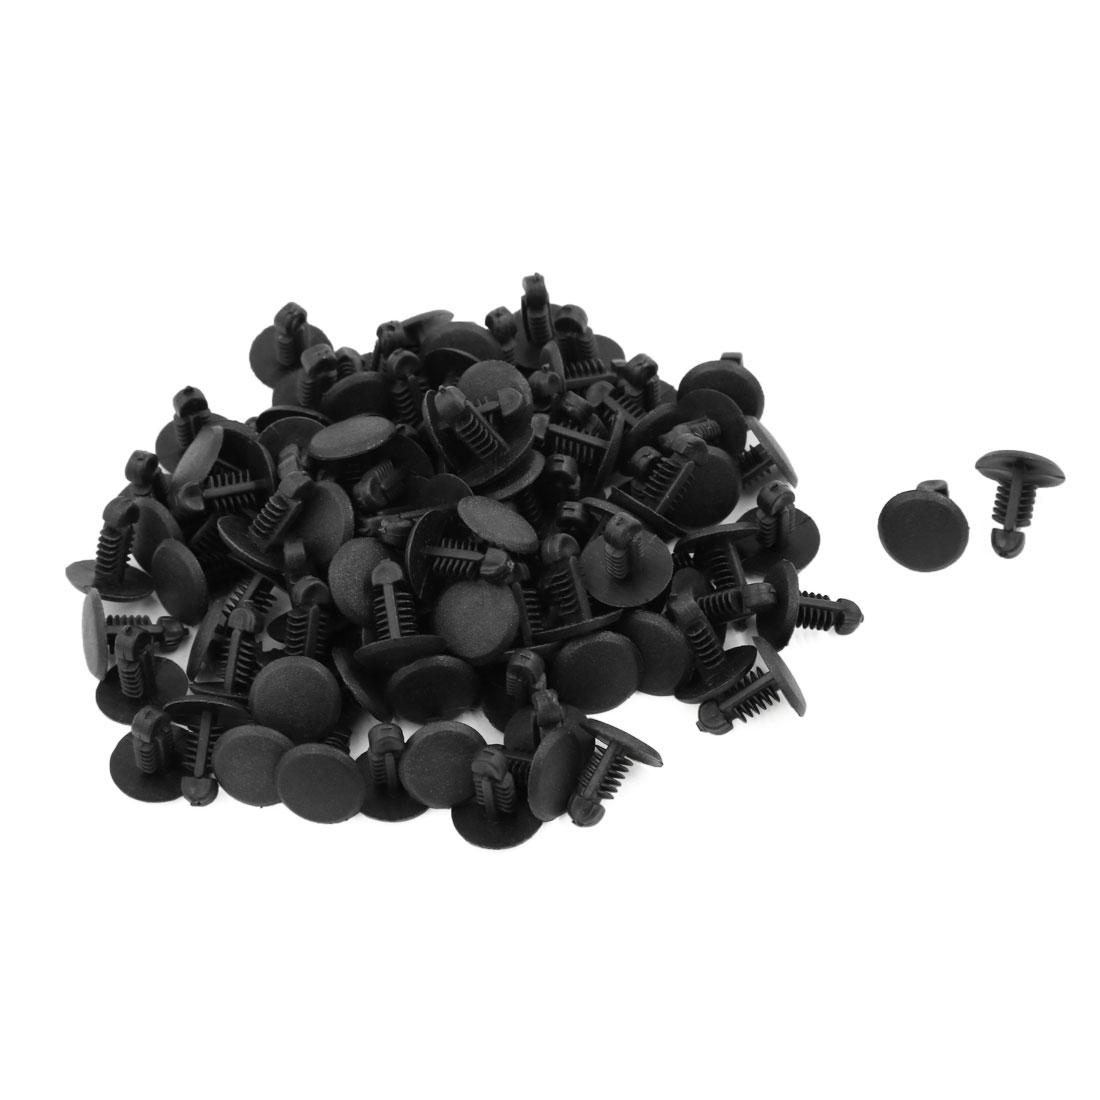 Car Black Plastic Push in Type Fastener Rivet Clips Retainer 6.5mm 100pcs